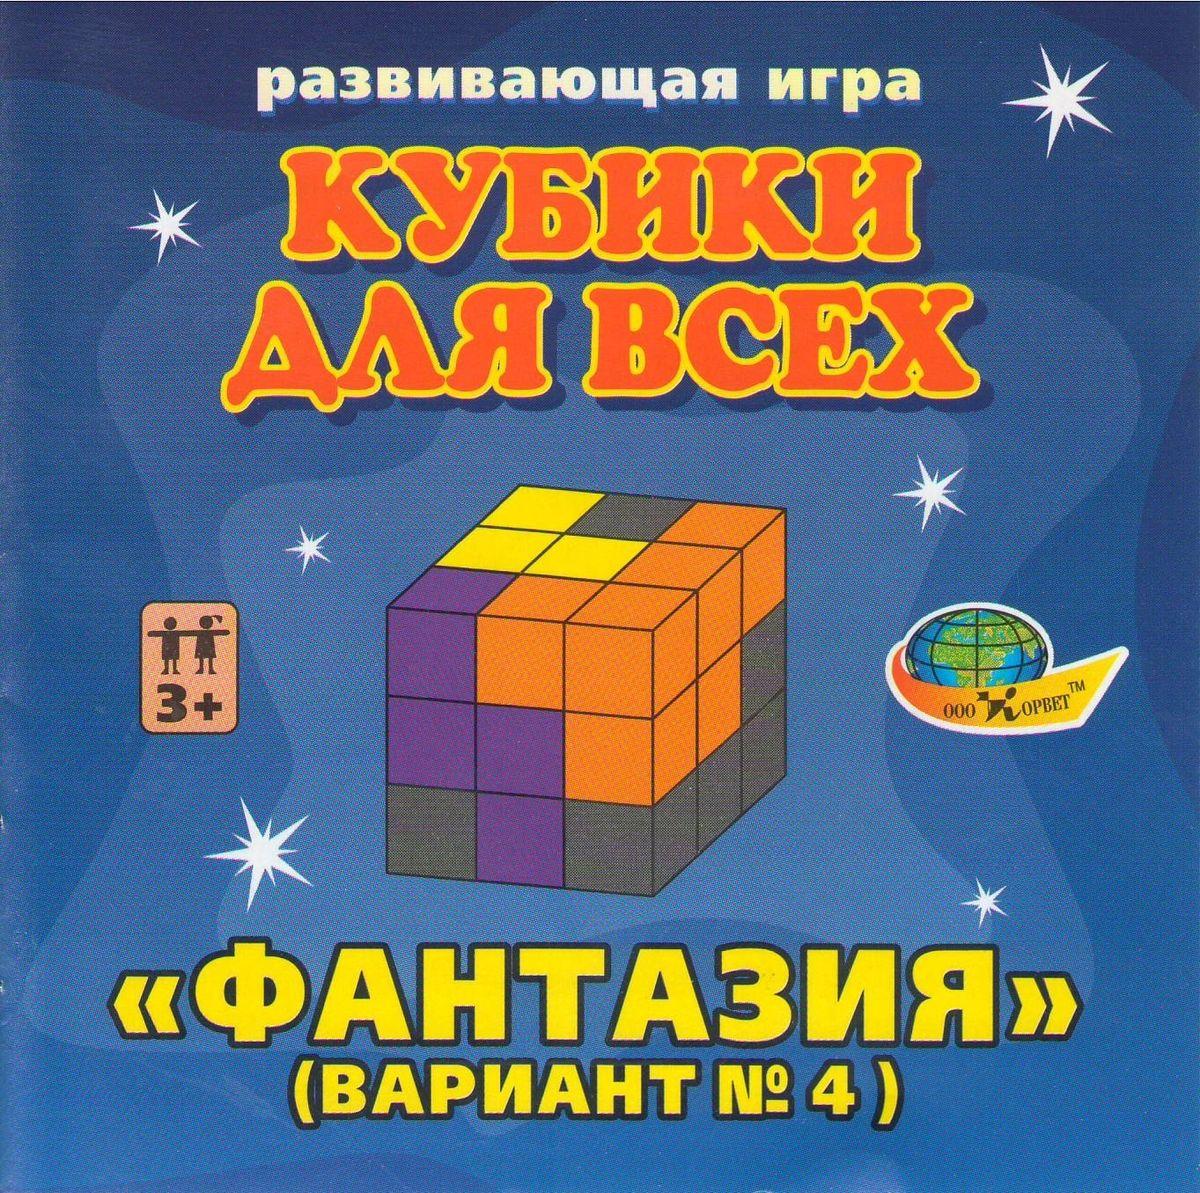 Корвет Обучающая игра Кубики Фантазия4680000430531В составе этой игры 27 отдельных кубиков, соединённых между собой определенным образом, в результате чего получаются фигуры разной конфигурации. Вариант №4 состоит из шести элементов: один «уголок», две фигуры похожих на букву «Г», одна фигура похожая на зигзаг, и две «арки» с башней. Из набора можно сложить большое количество красивых фигур условно напоминающих робота, собачку, удава, ёлку, сказочный домик,… и, конечно же, сложить куб 3х3х3, чтобы убрать кубики в коробку (упаковку). Придумывание и самостоятельное составление различных фигур (построек), в том числе и кубов – цель игры достигнуты.